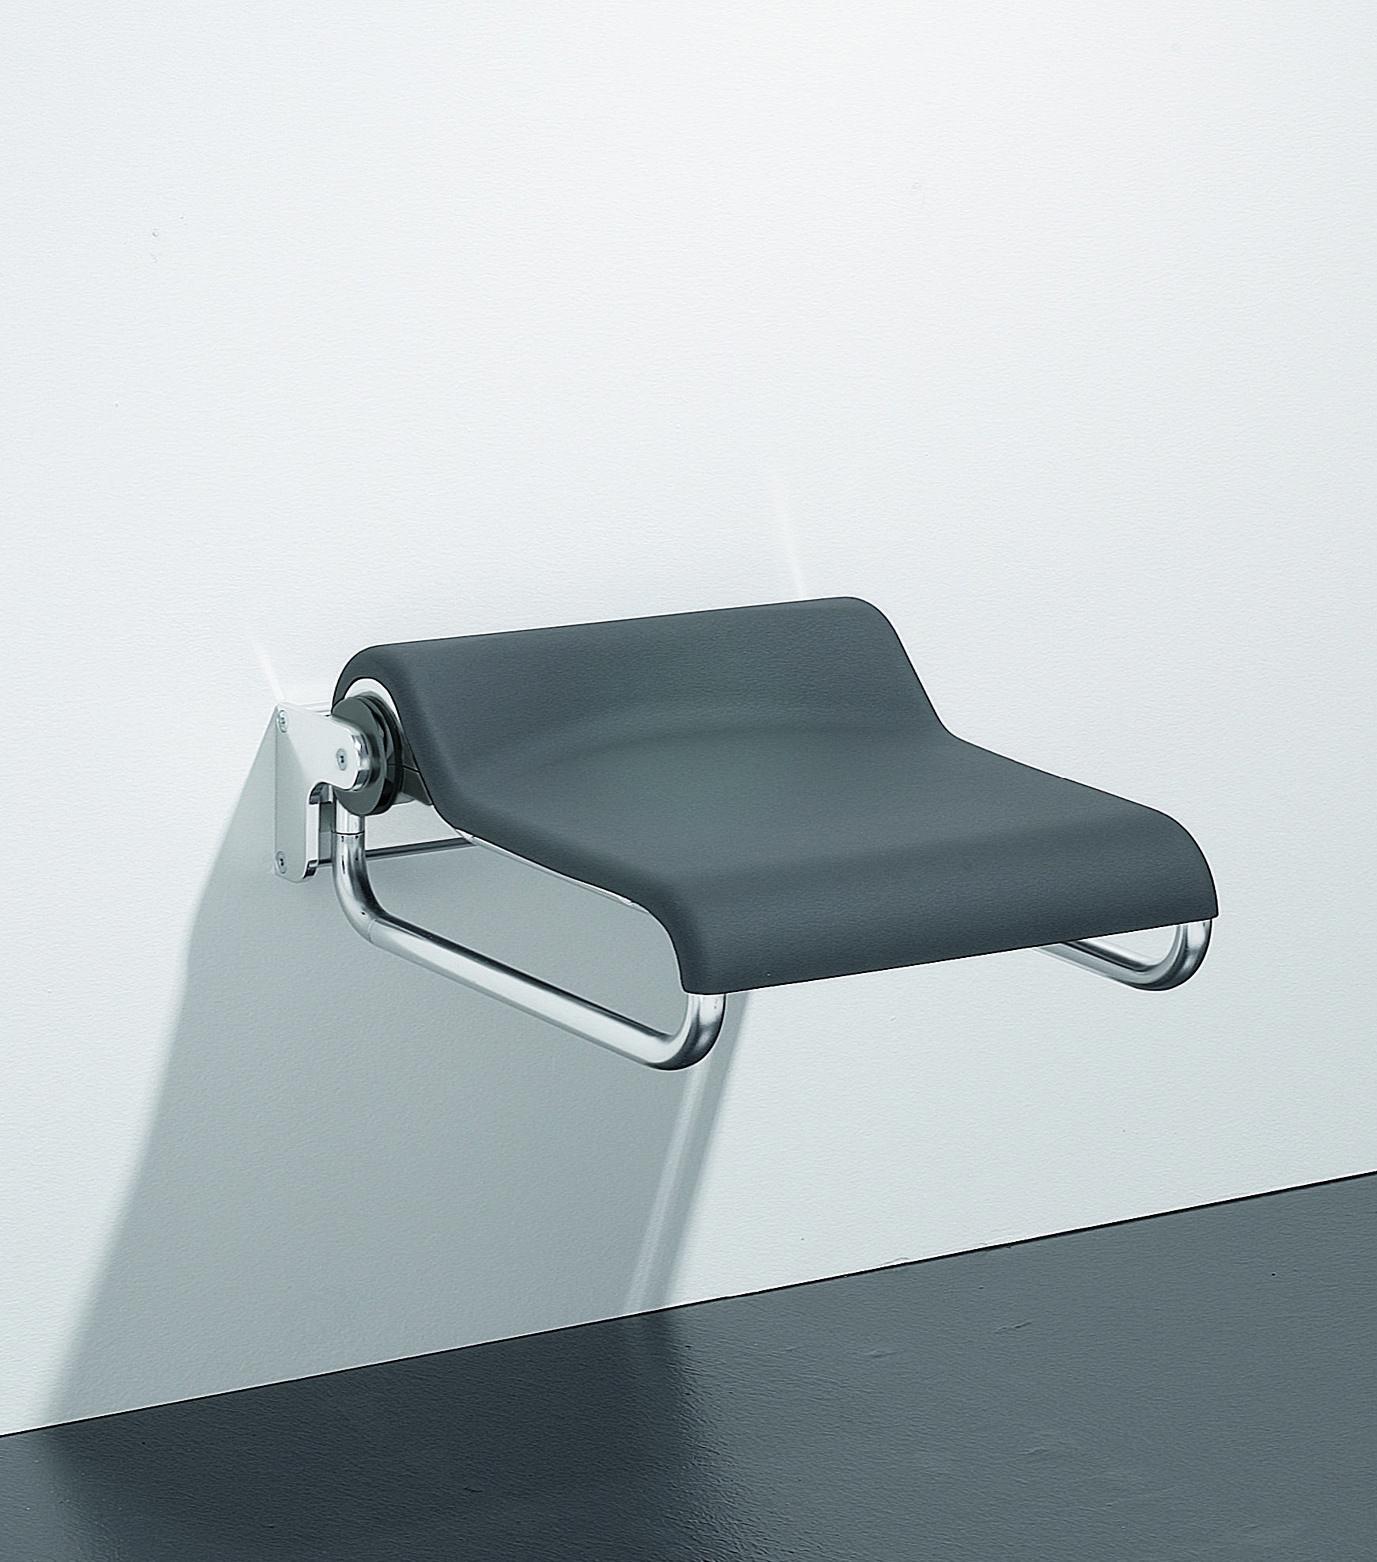 Asientos en la ducha: En todos sus diseños, estos asientos para ducha, es decir los taburetes, brindan estabilidad y confianza a las personas cuando se encuentran aseándose. http://www.equipamientohogar.com/sanitarios/asientos-en-la-ducha/